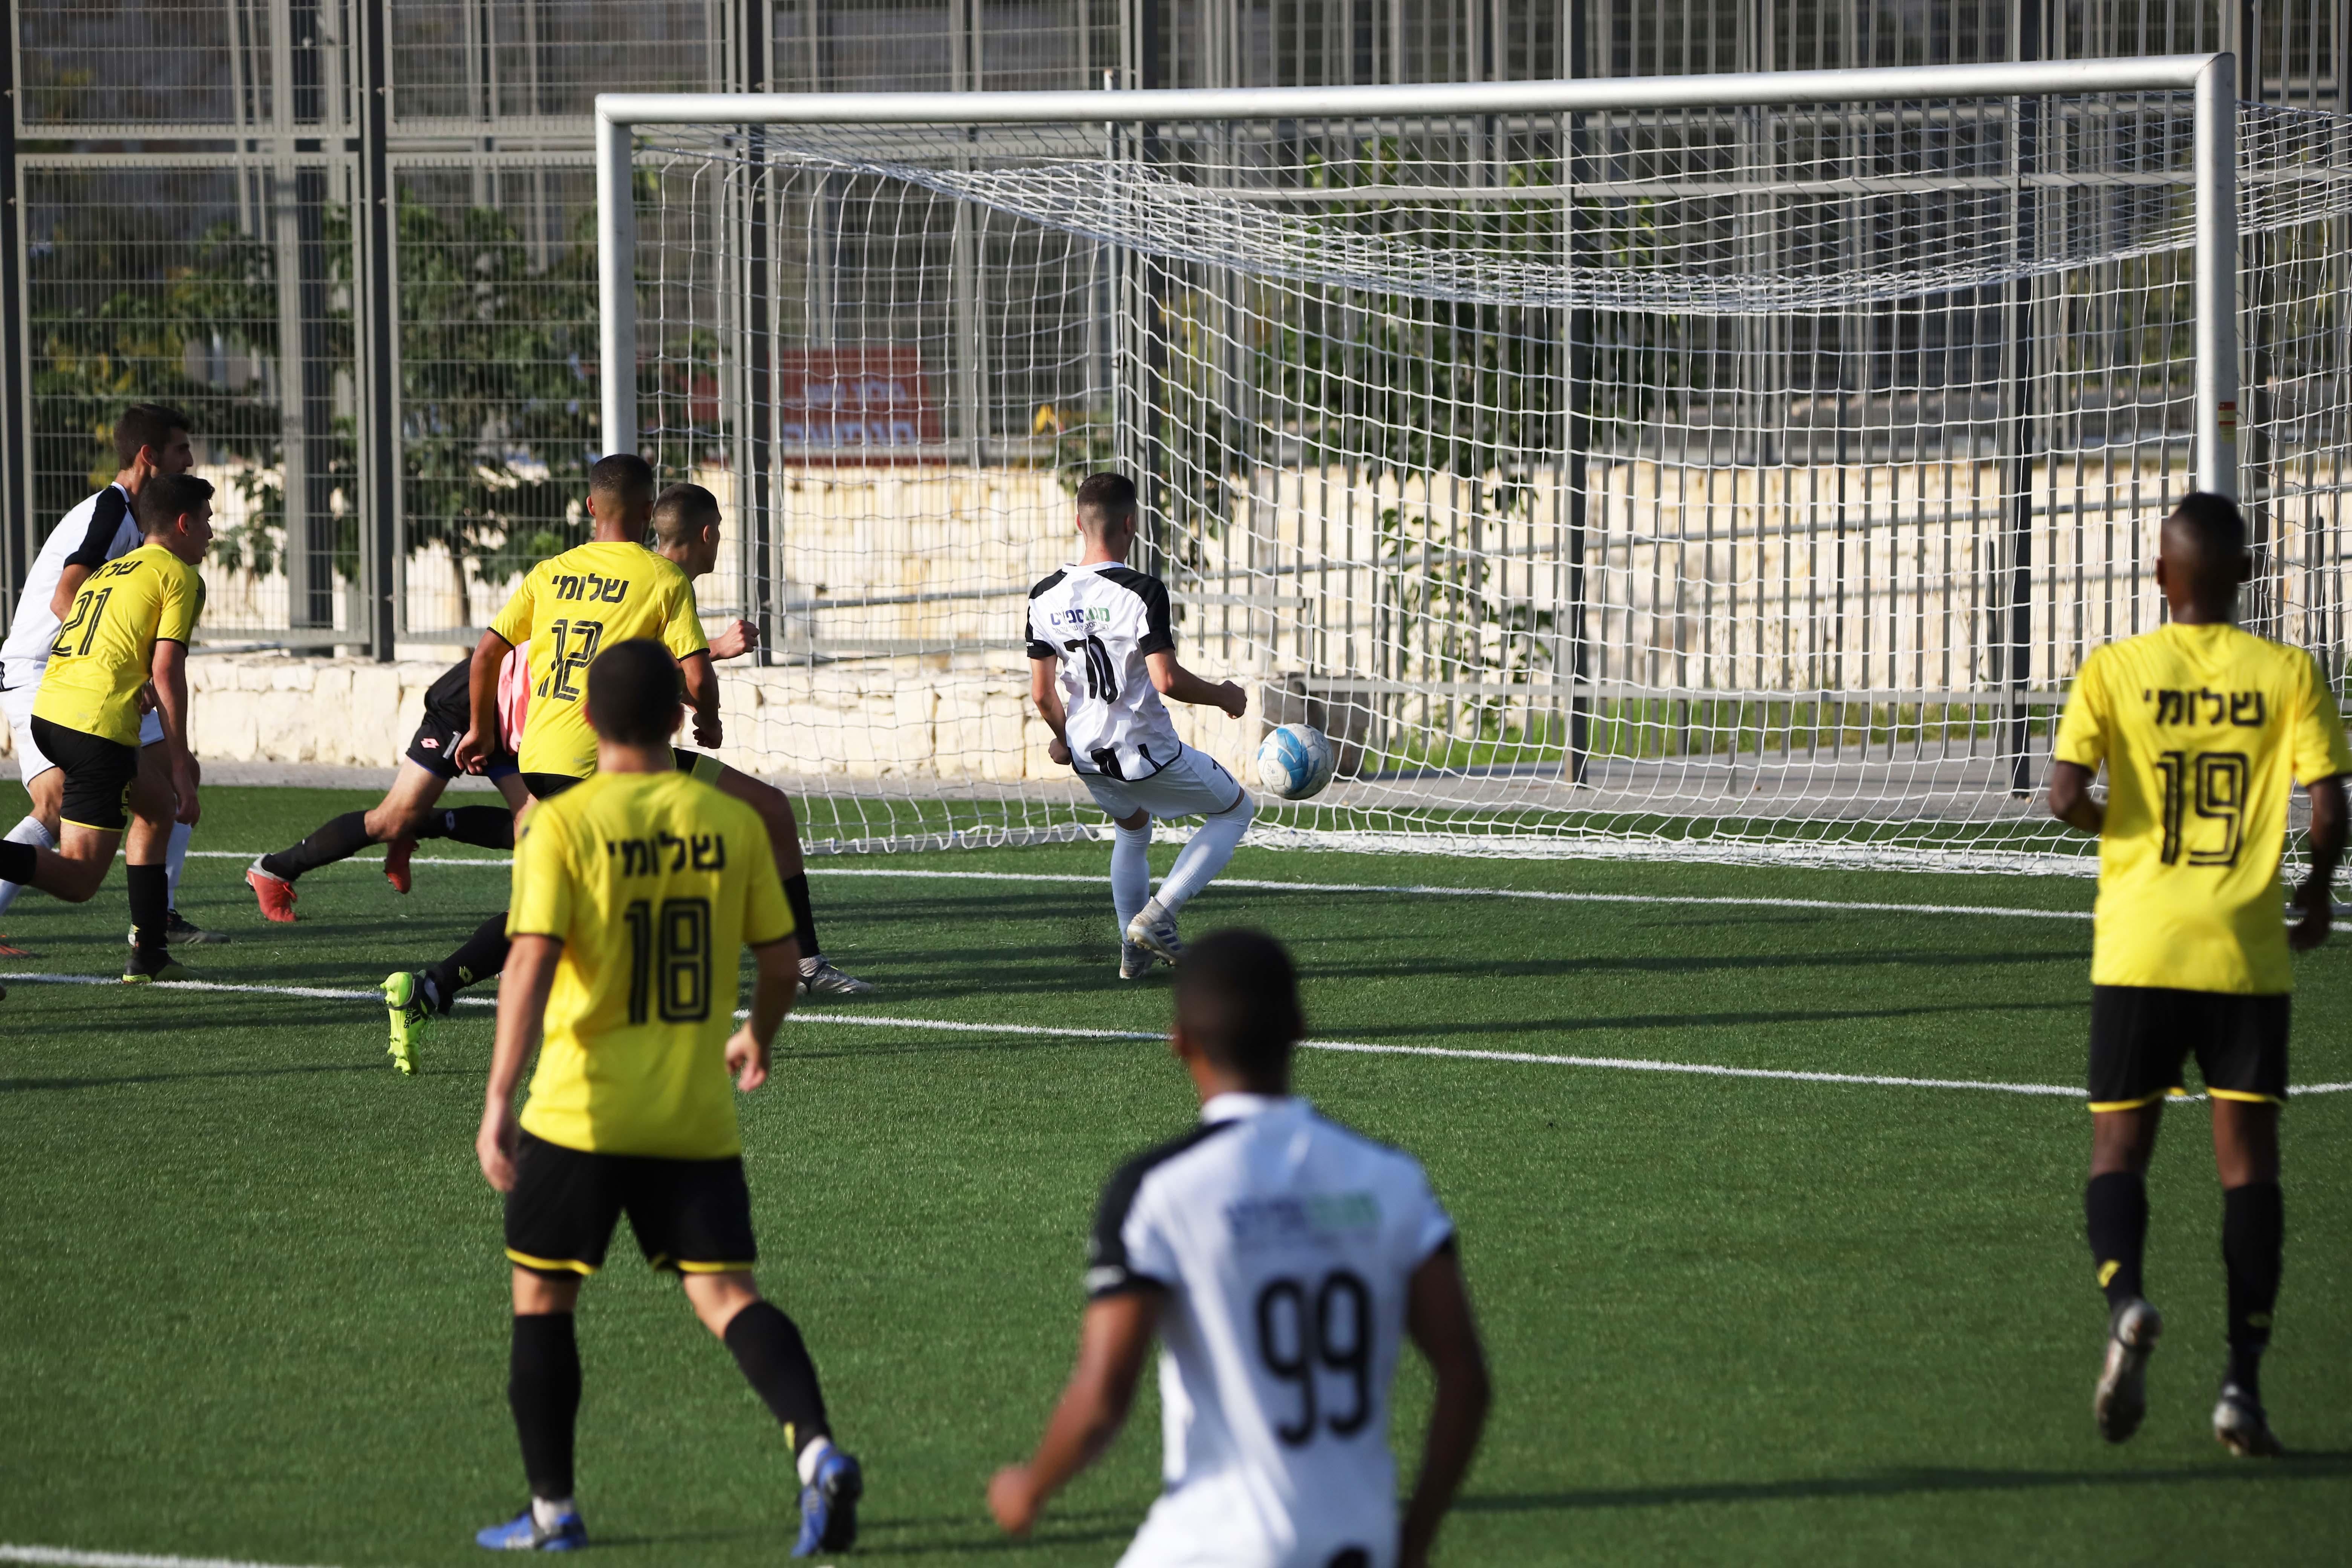 שחקני הנוער במשחק מול מכבי נתניה